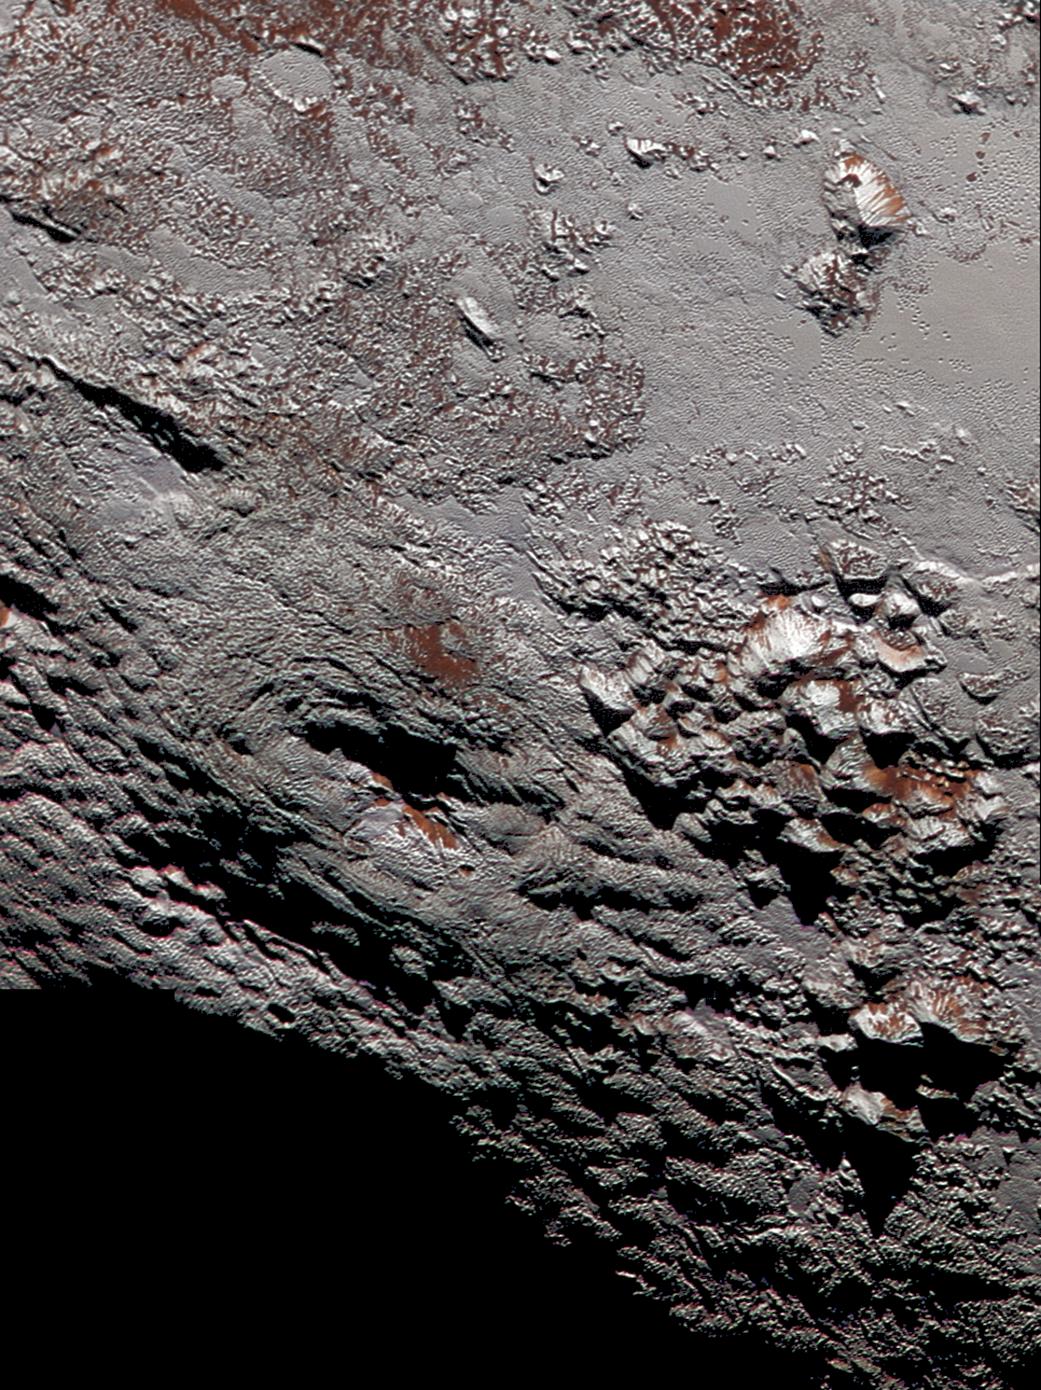 2016.01.15:冥王星のライト山地のカラー画像